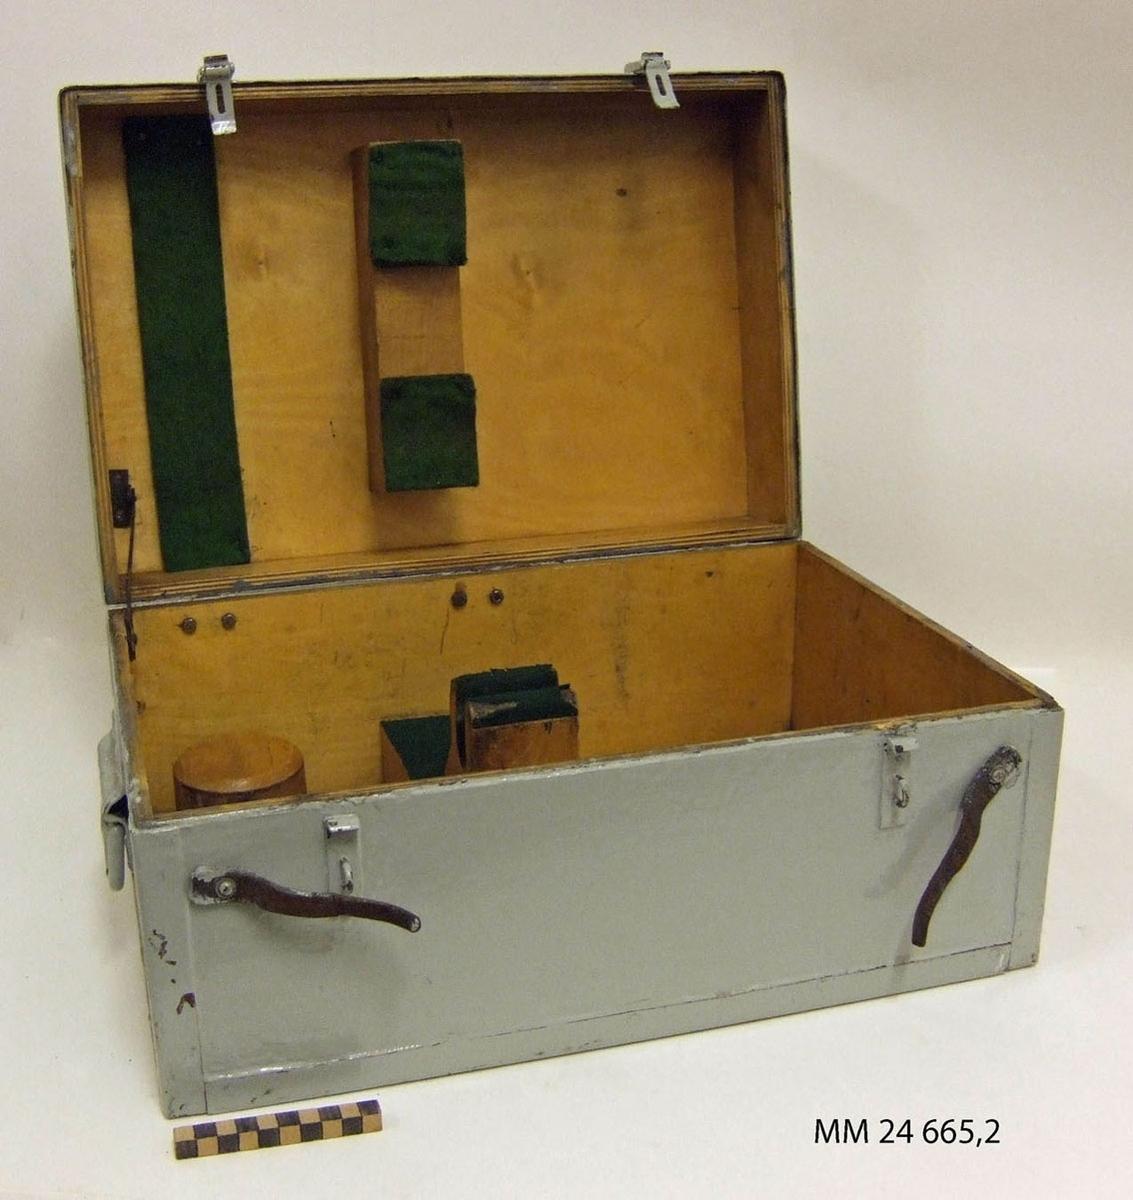 """Låda av trä till målangivningskikare. Rektangulär, gråmålad låda med lock. Handtag av metall på sidorna. Spännen av metall samt läderrem som dras igenom spännet som låsning. Grön filtmatta inuti som skydd för kikaren. I lådan två runda stöd som troligen används till extrautrustning. Märkning med tusch i locket  """"12""""."""